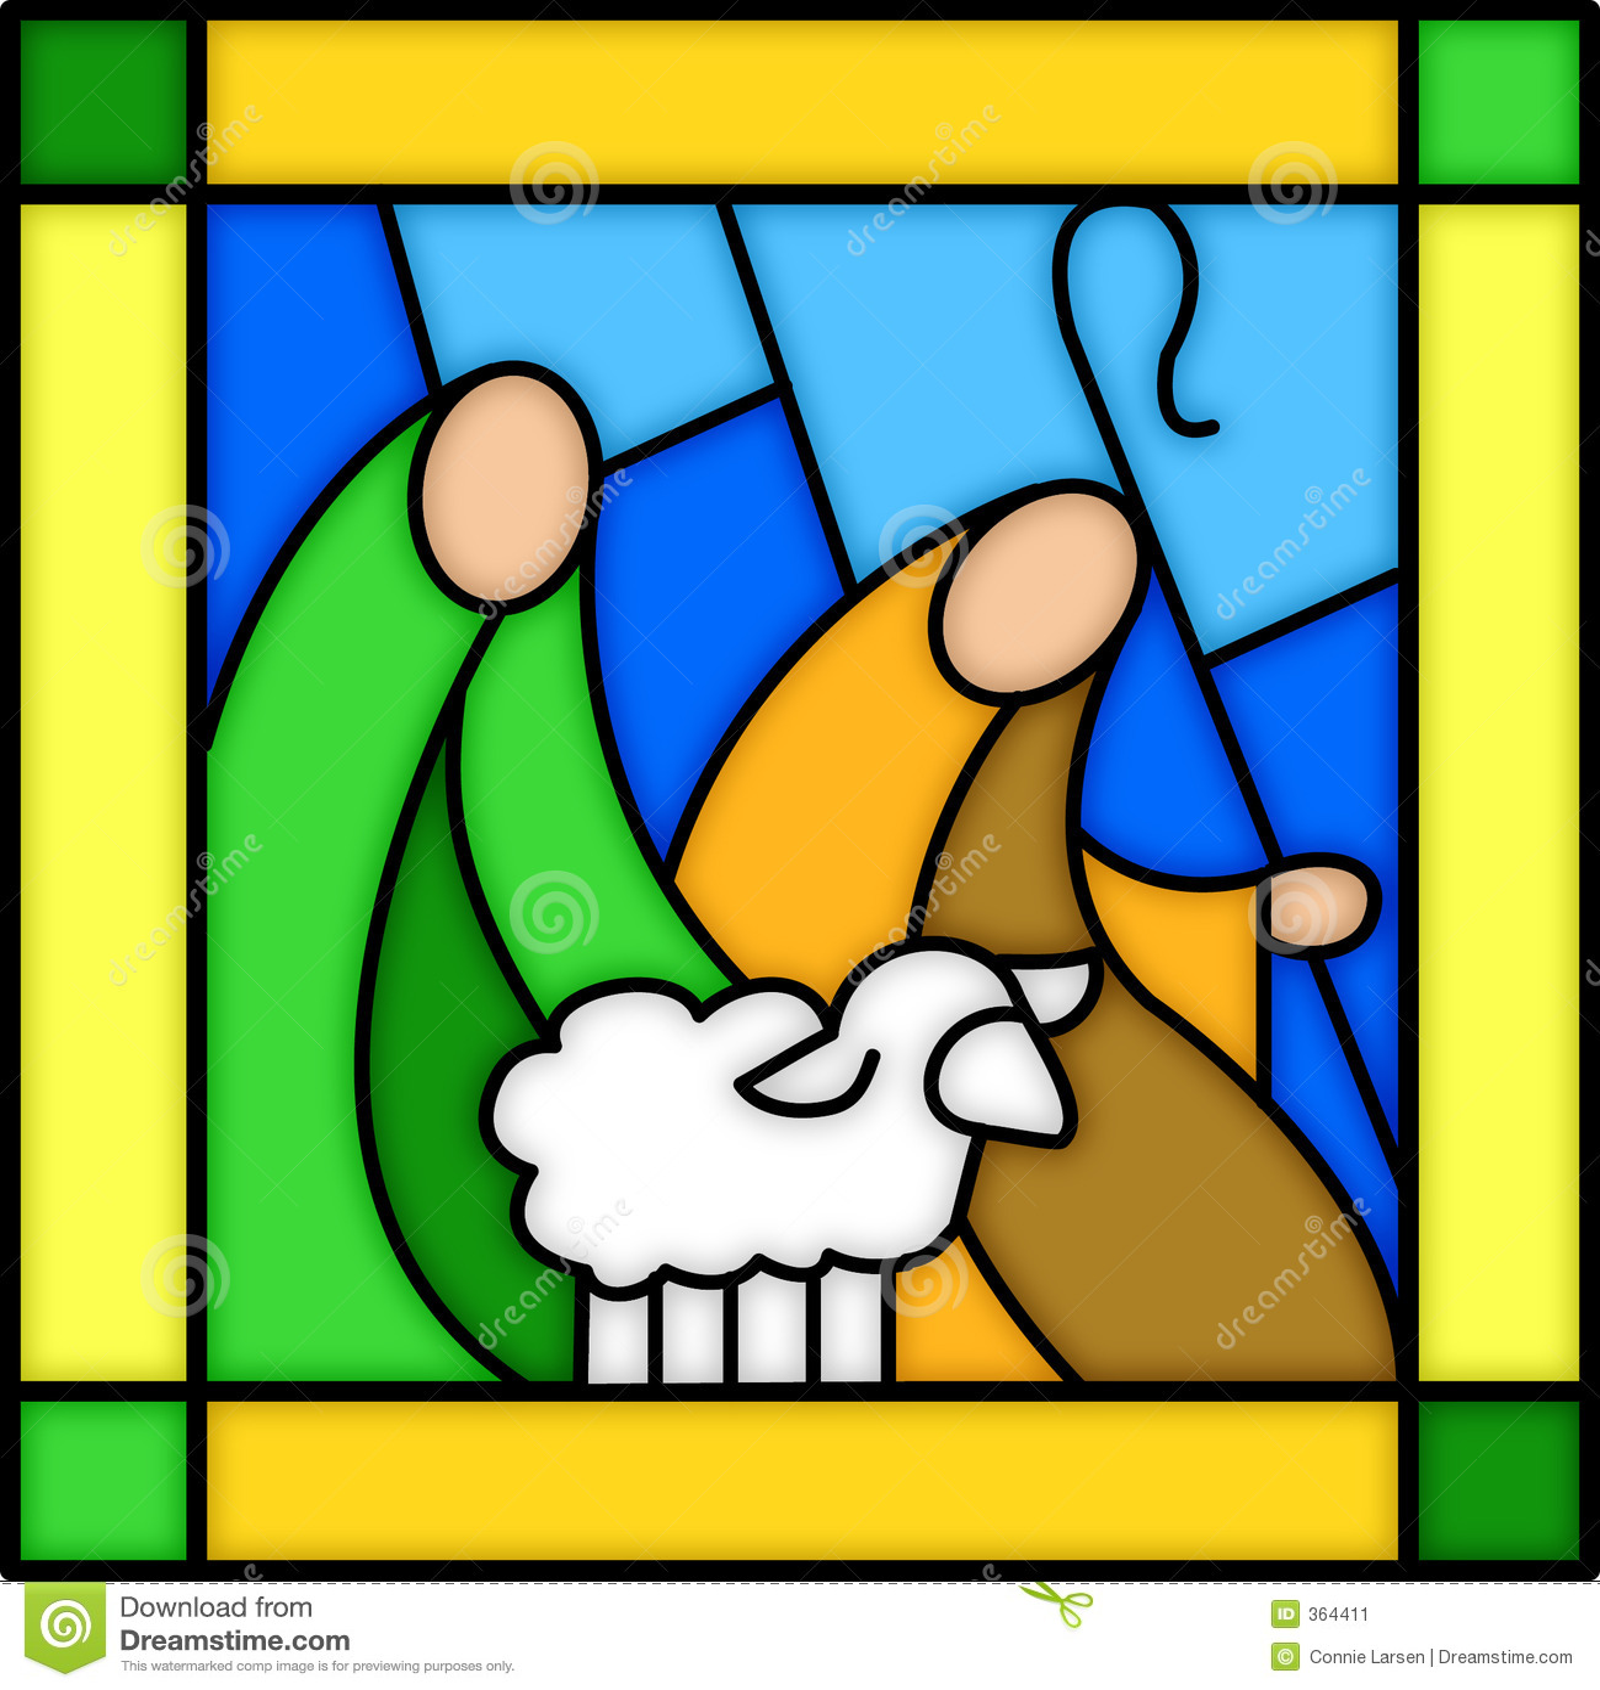 Pastores no vidro manchado